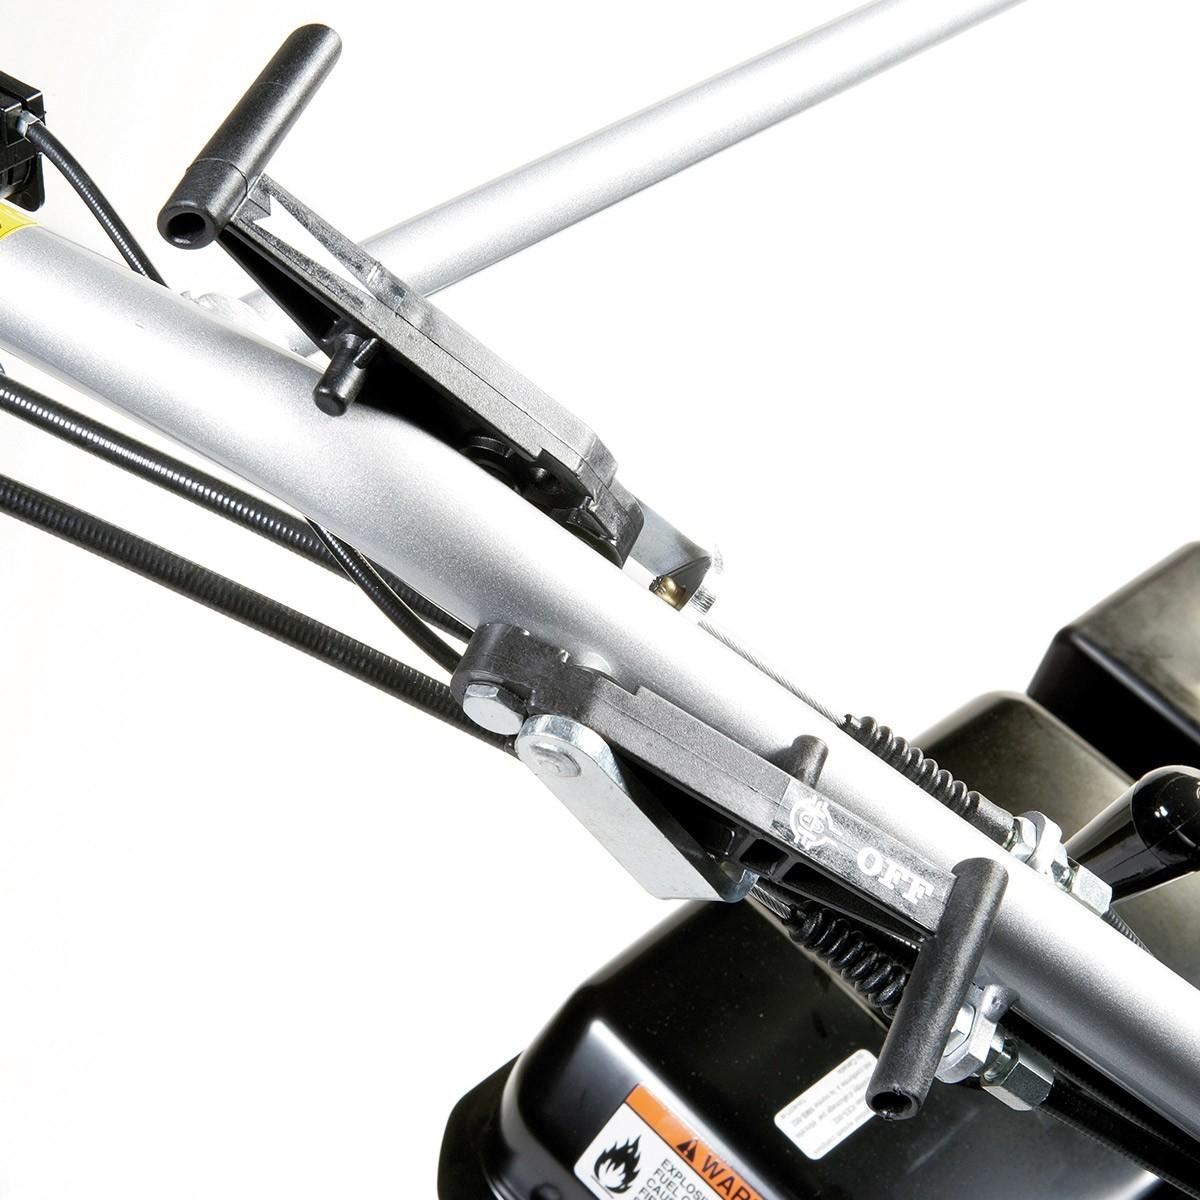 Motocositoare Bertolini 140, Honda GX160, 5.5 CP, 115 cm